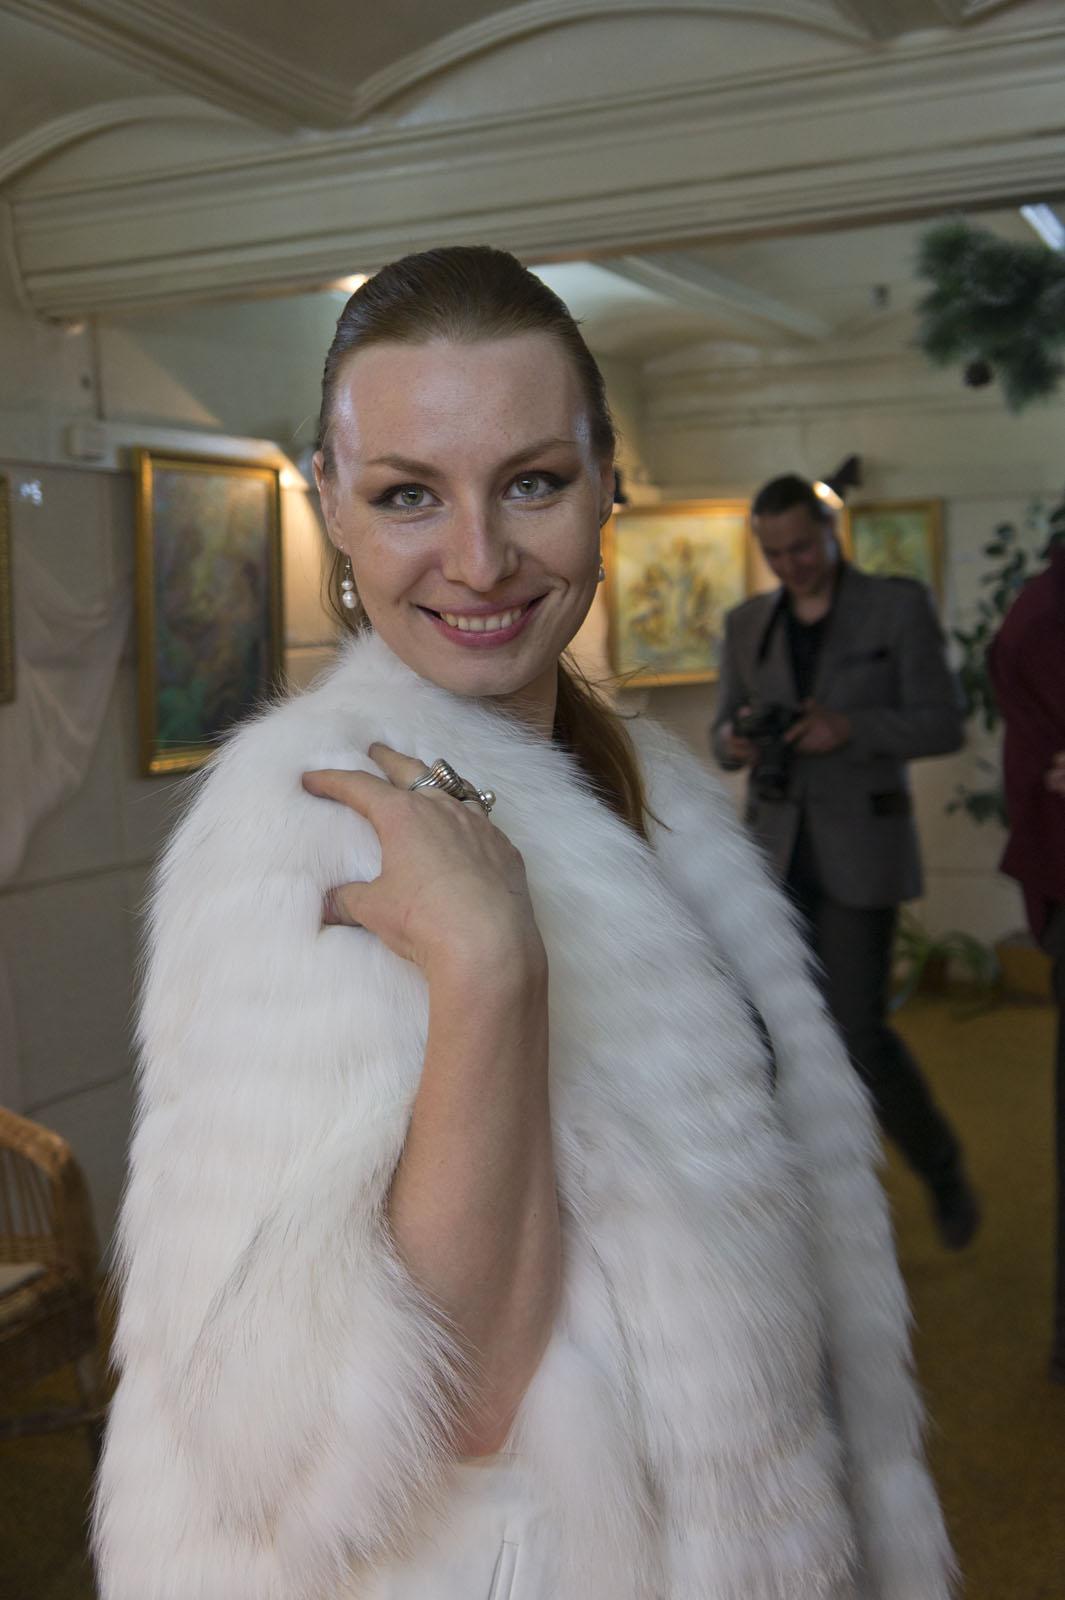 Фото №78337. Анастасия Бузунеева на открытии выставки ''Как Ангелы''